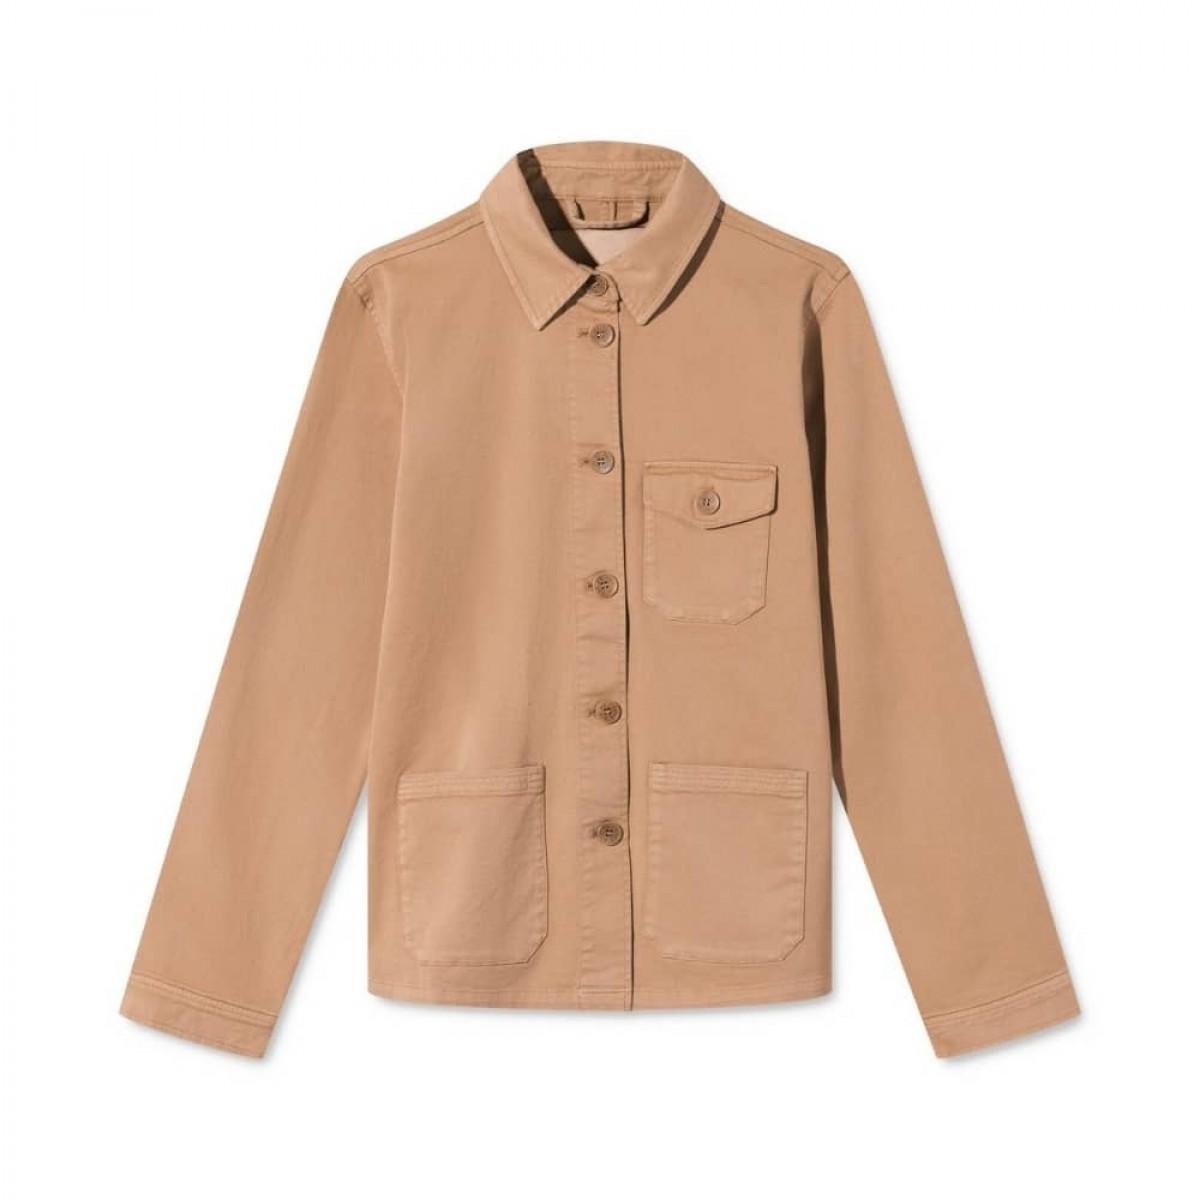 cady workwear jakke - light brown